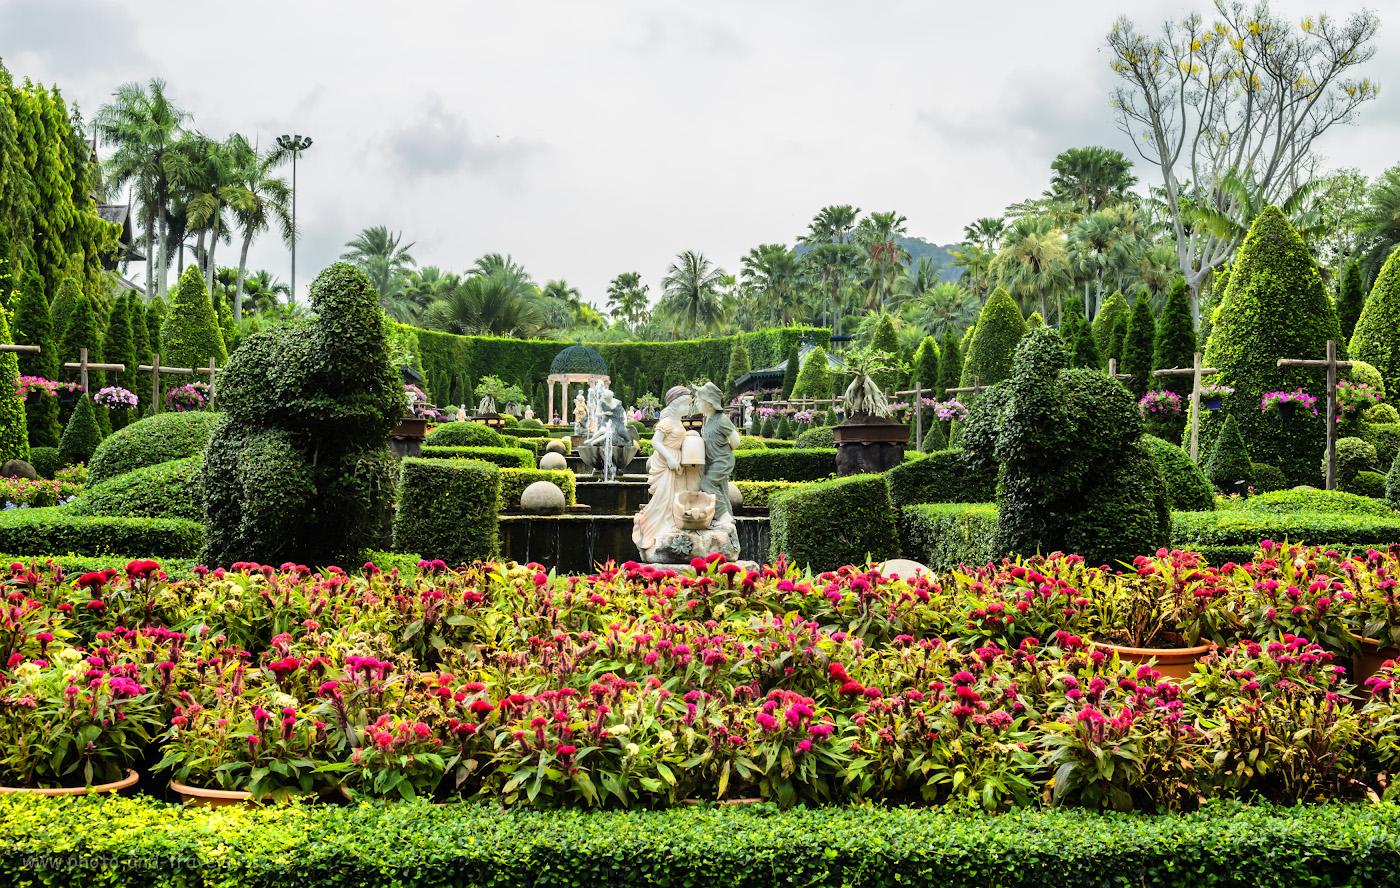 6. Не был я в Италии, но в Паттайе парк итальянский сад в парке Нонг Нуч выглядит не хуже, мне кажется... Одна из самых интересных экскурсий в Таиланде. Отзывы туристов об отдыхе.